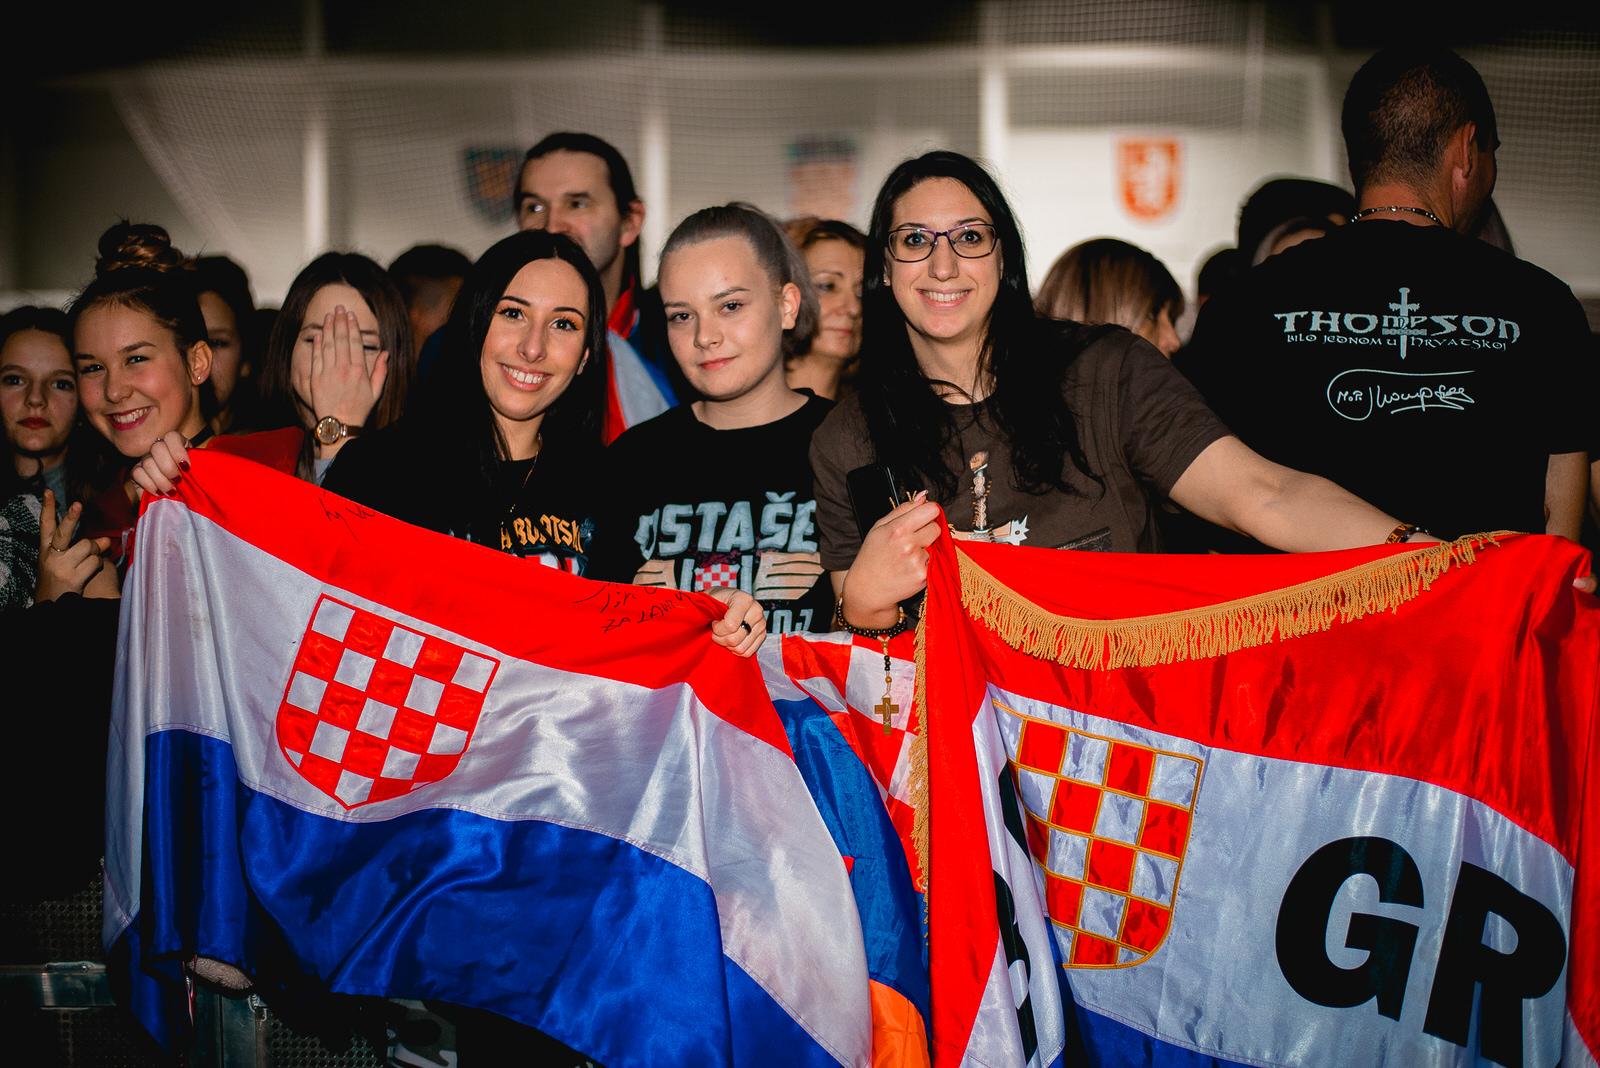 likaclub_gospić_koncert-thompson_2018-5